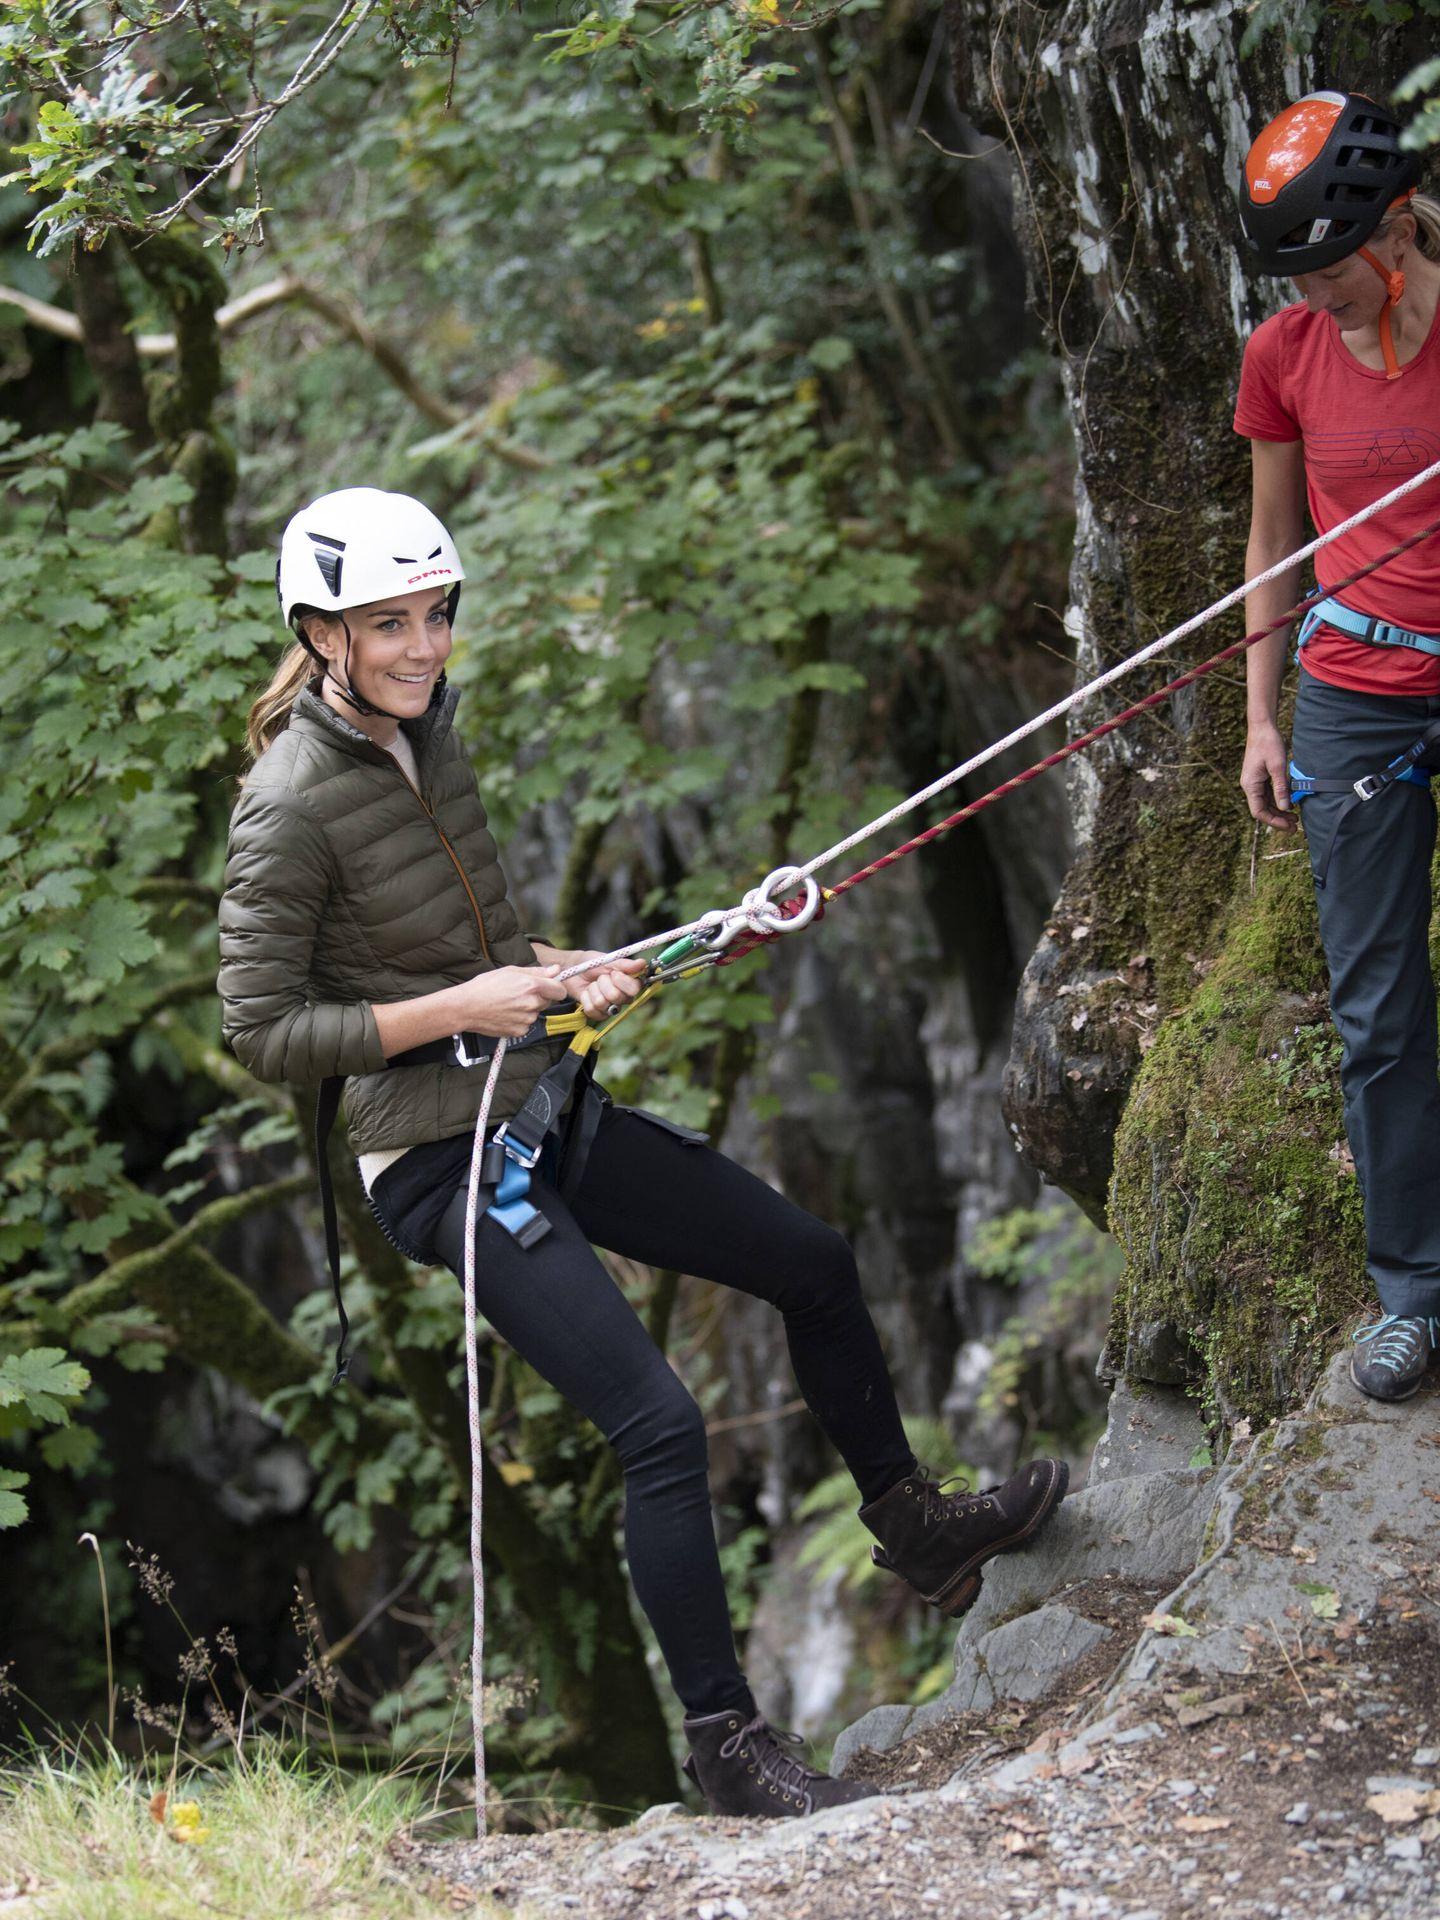 La duquesa de Cambridge se ha atrevido con el descenso de barrancos. (Getty)